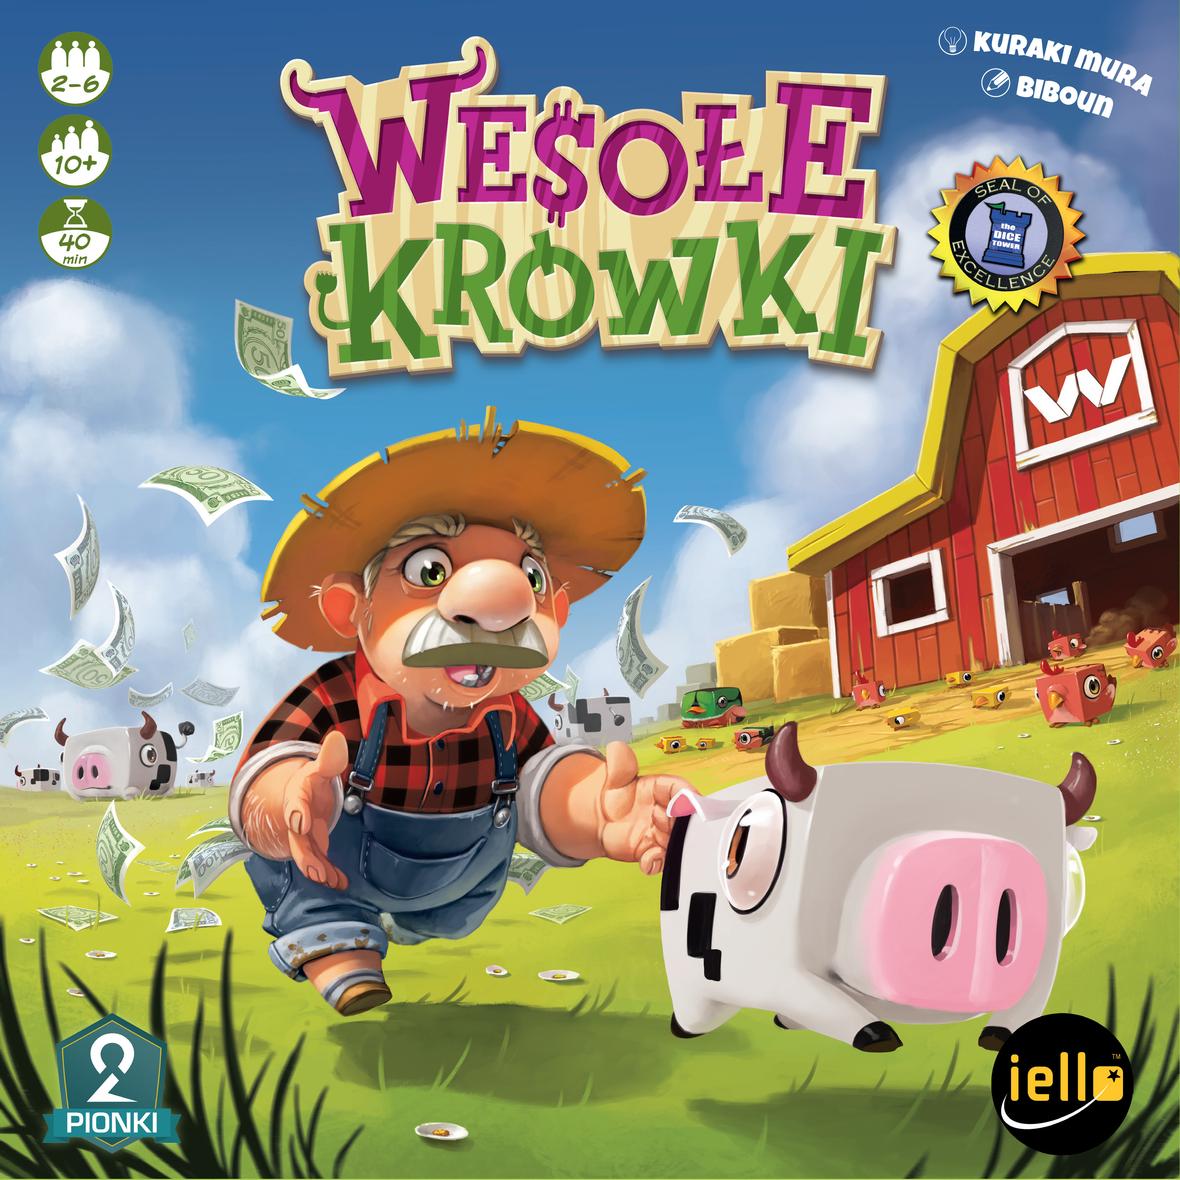 wesole krowki COVER